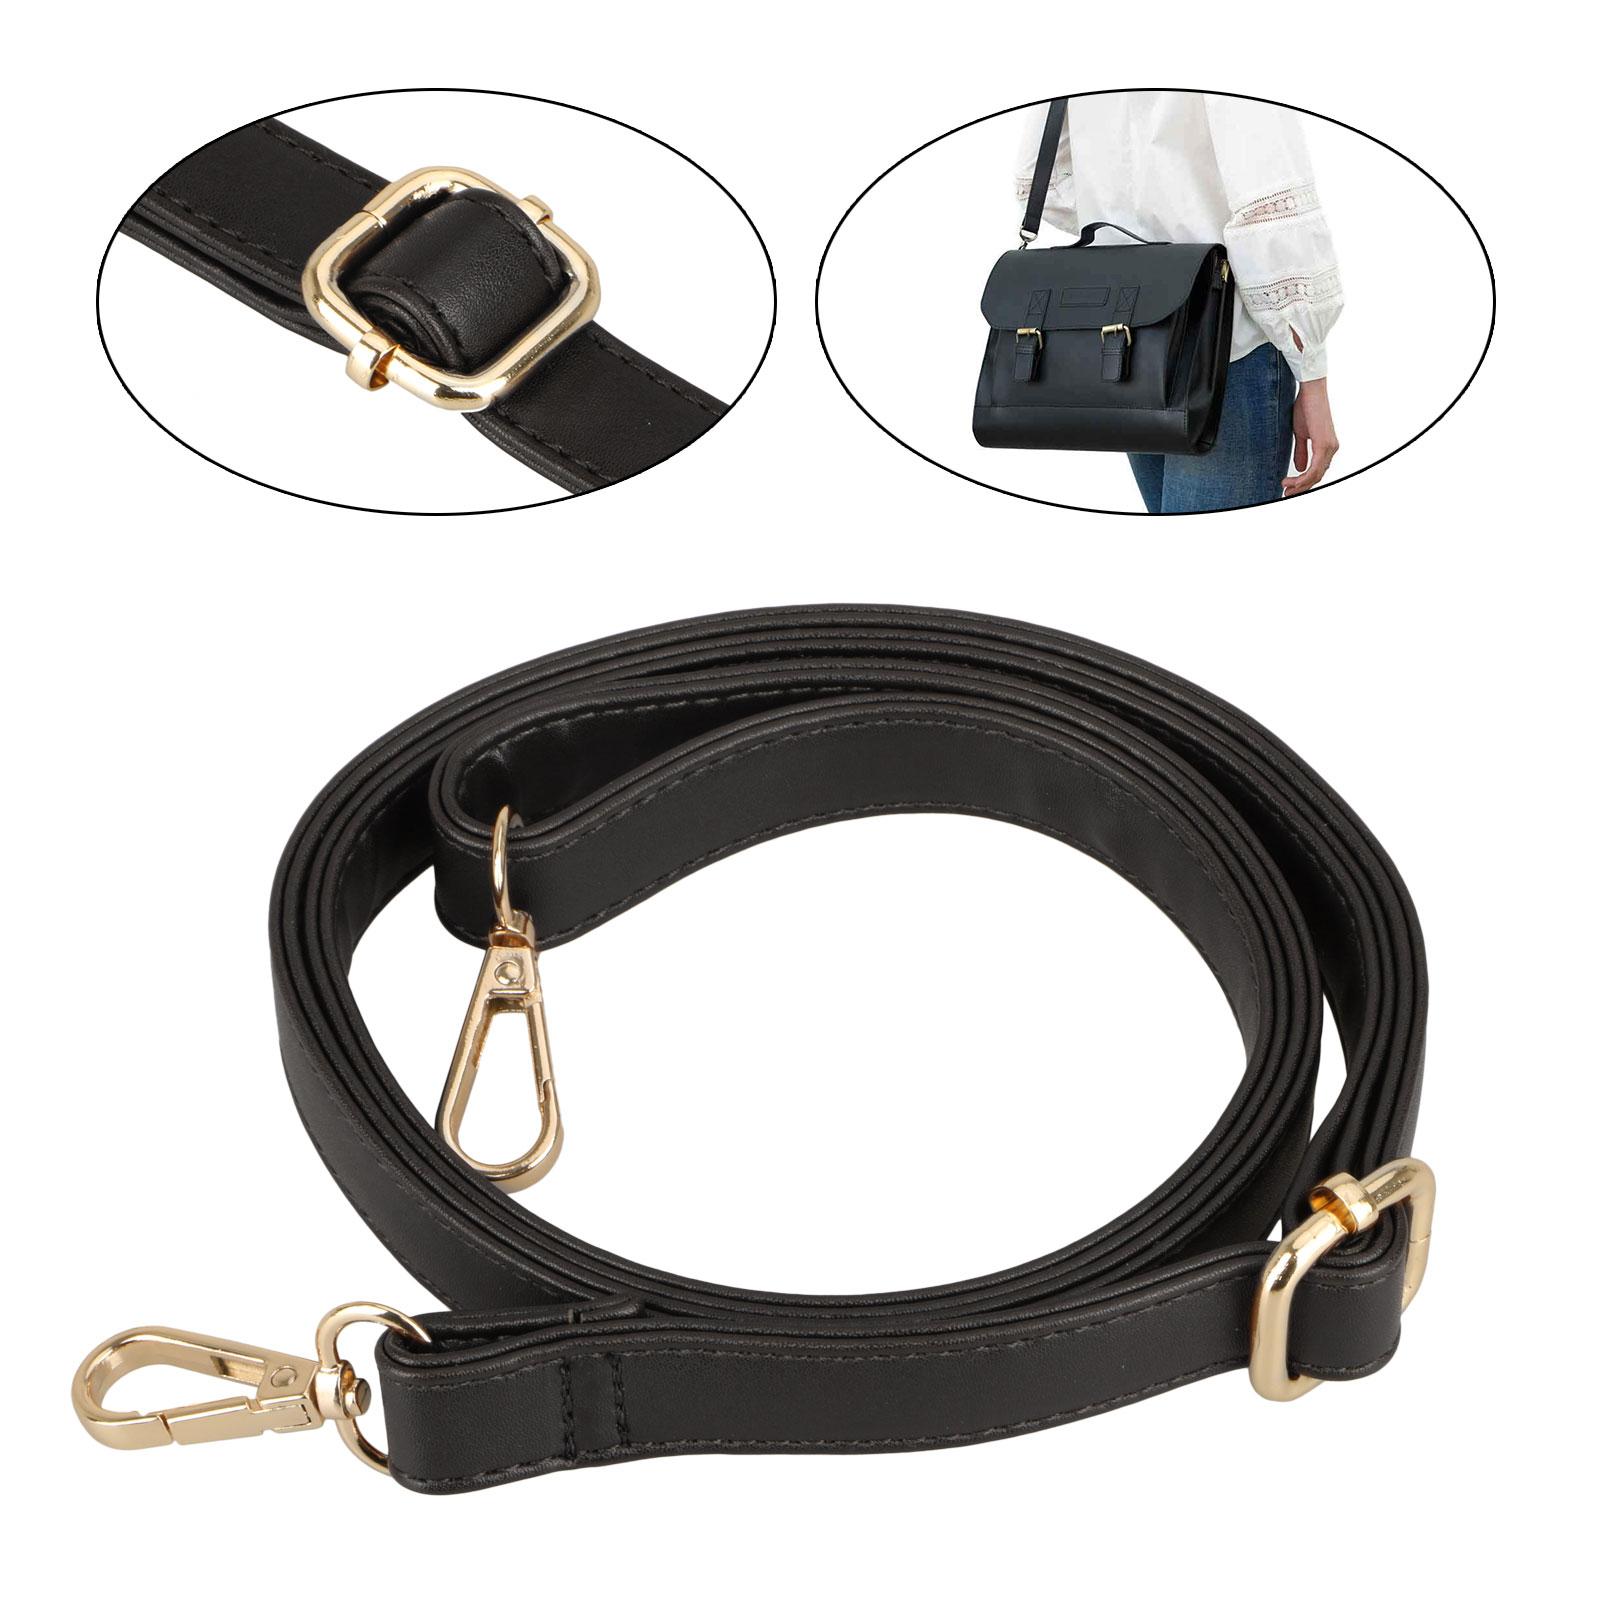 439797b889392 EEEKit - EEEKit Adjustable Handbag Shoulder Strap Replacement Shoulder  Leather Handle Crossbody Belt Replacement Purse Chain - Walmart.com